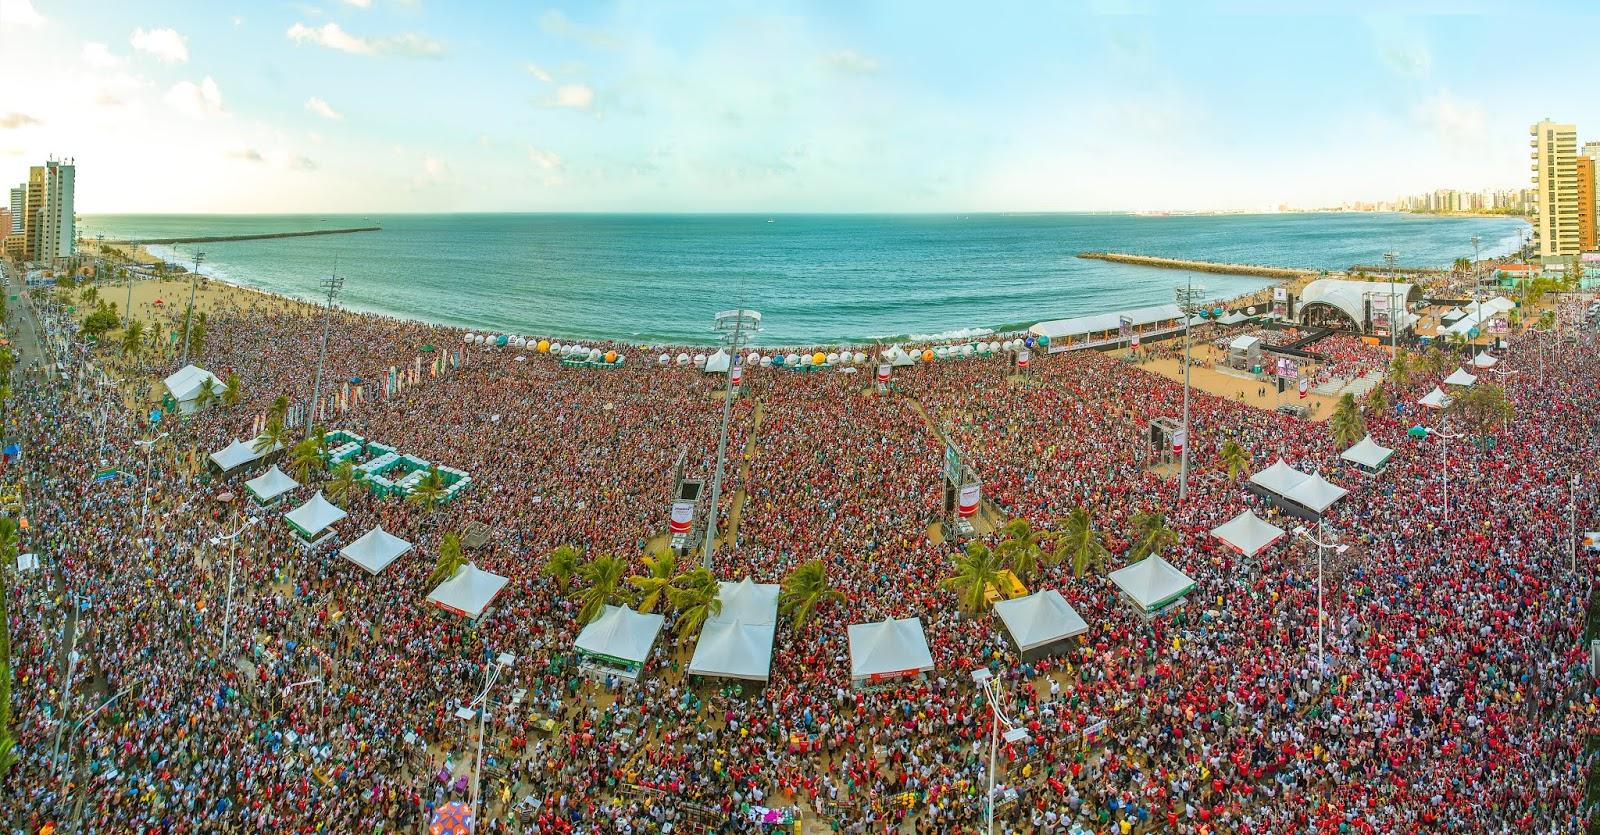 8af87c9a534 XI Evangelizar é Preciso Fortaleza neste sábado no Aterro da Praia de  Iracema